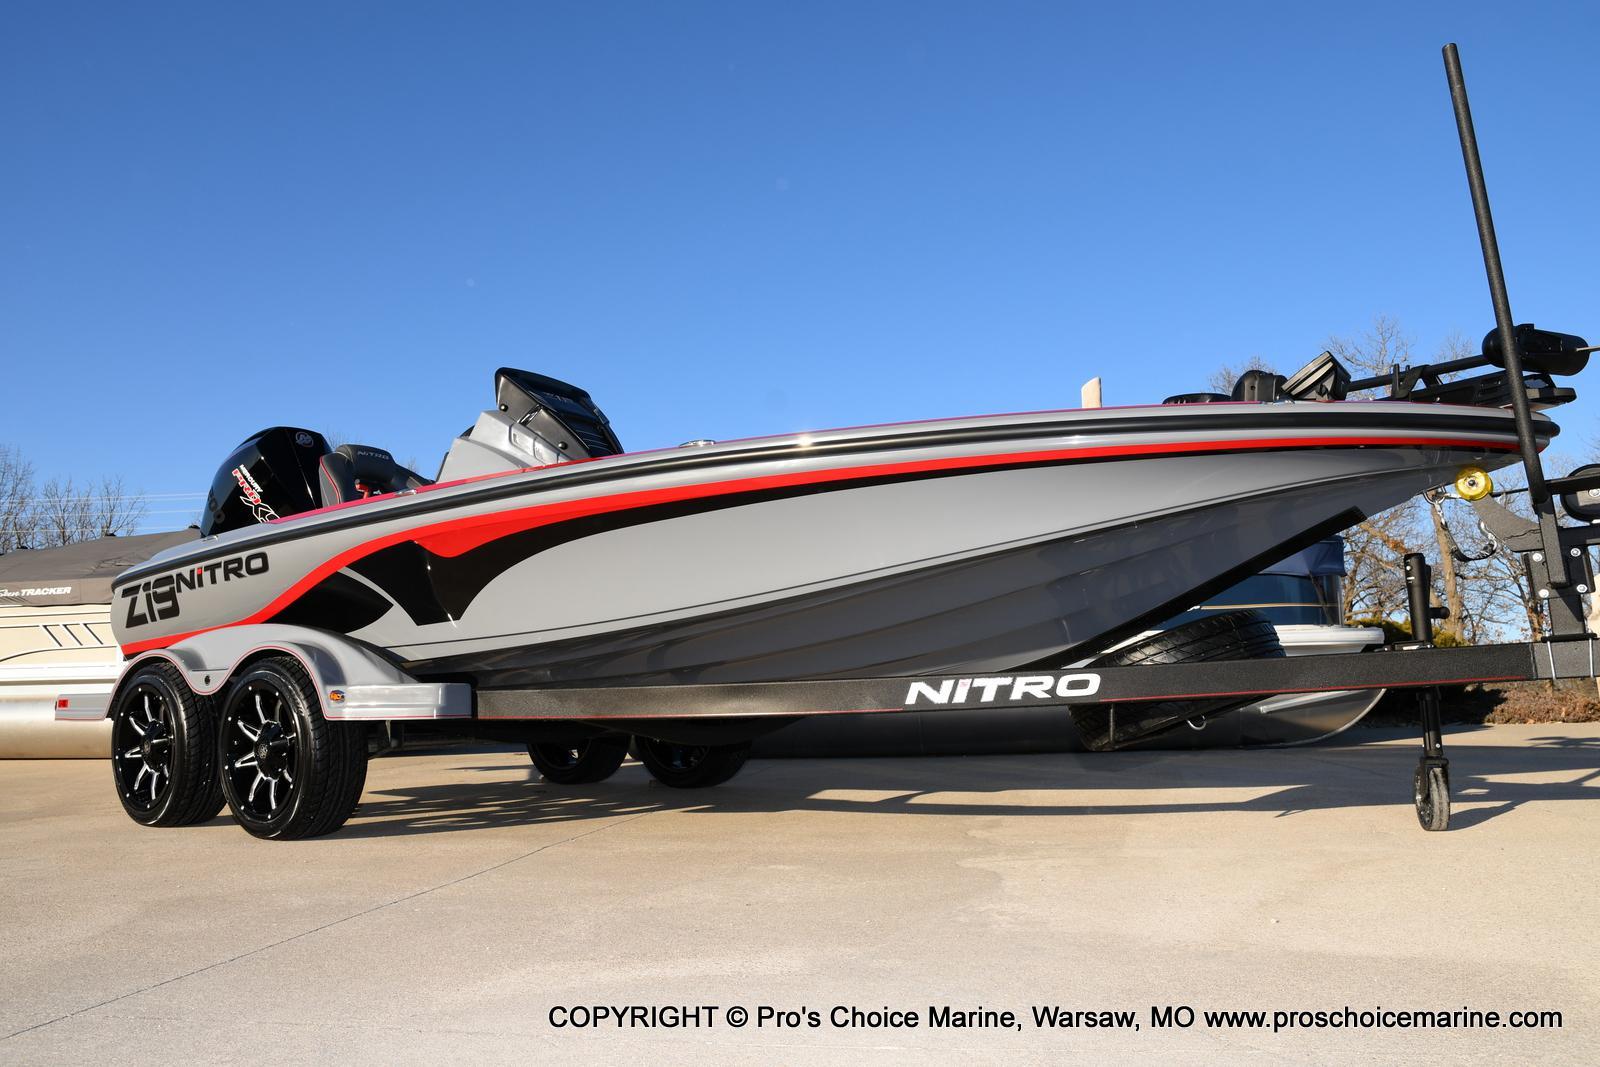 Nitro Z19 pro package